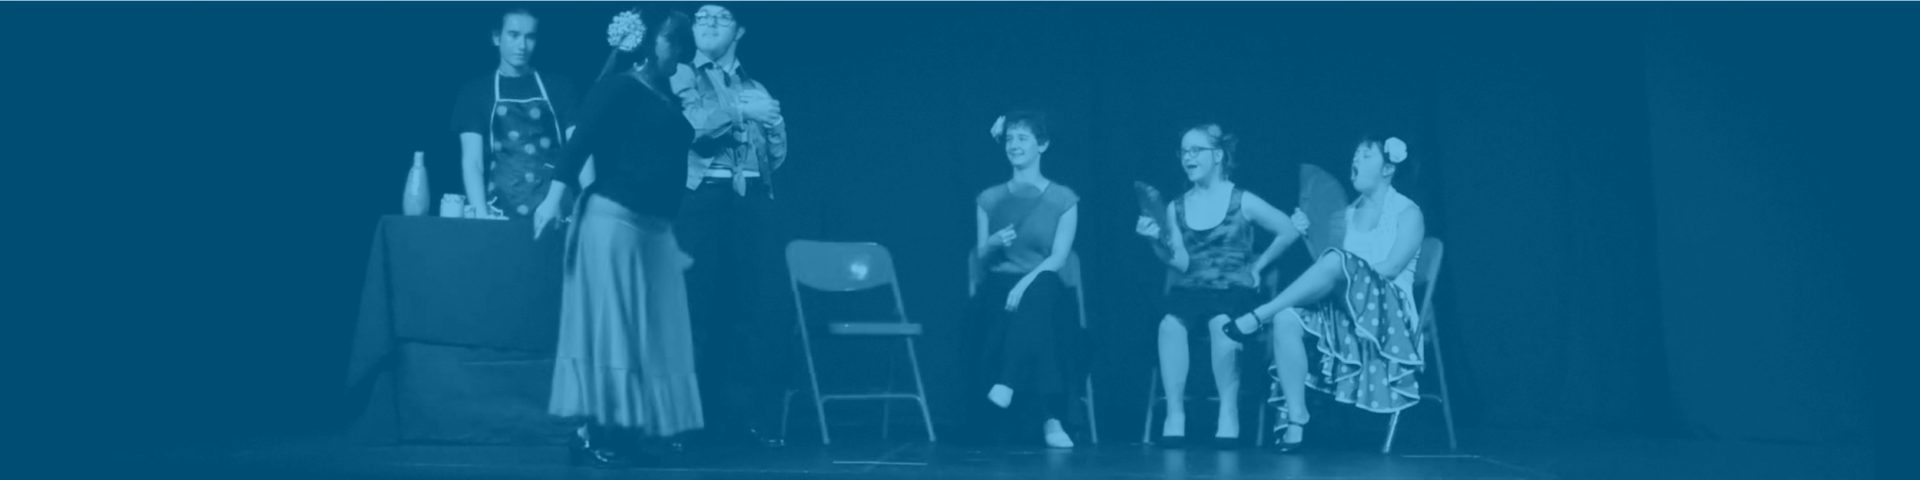 grupo de teatro actuando